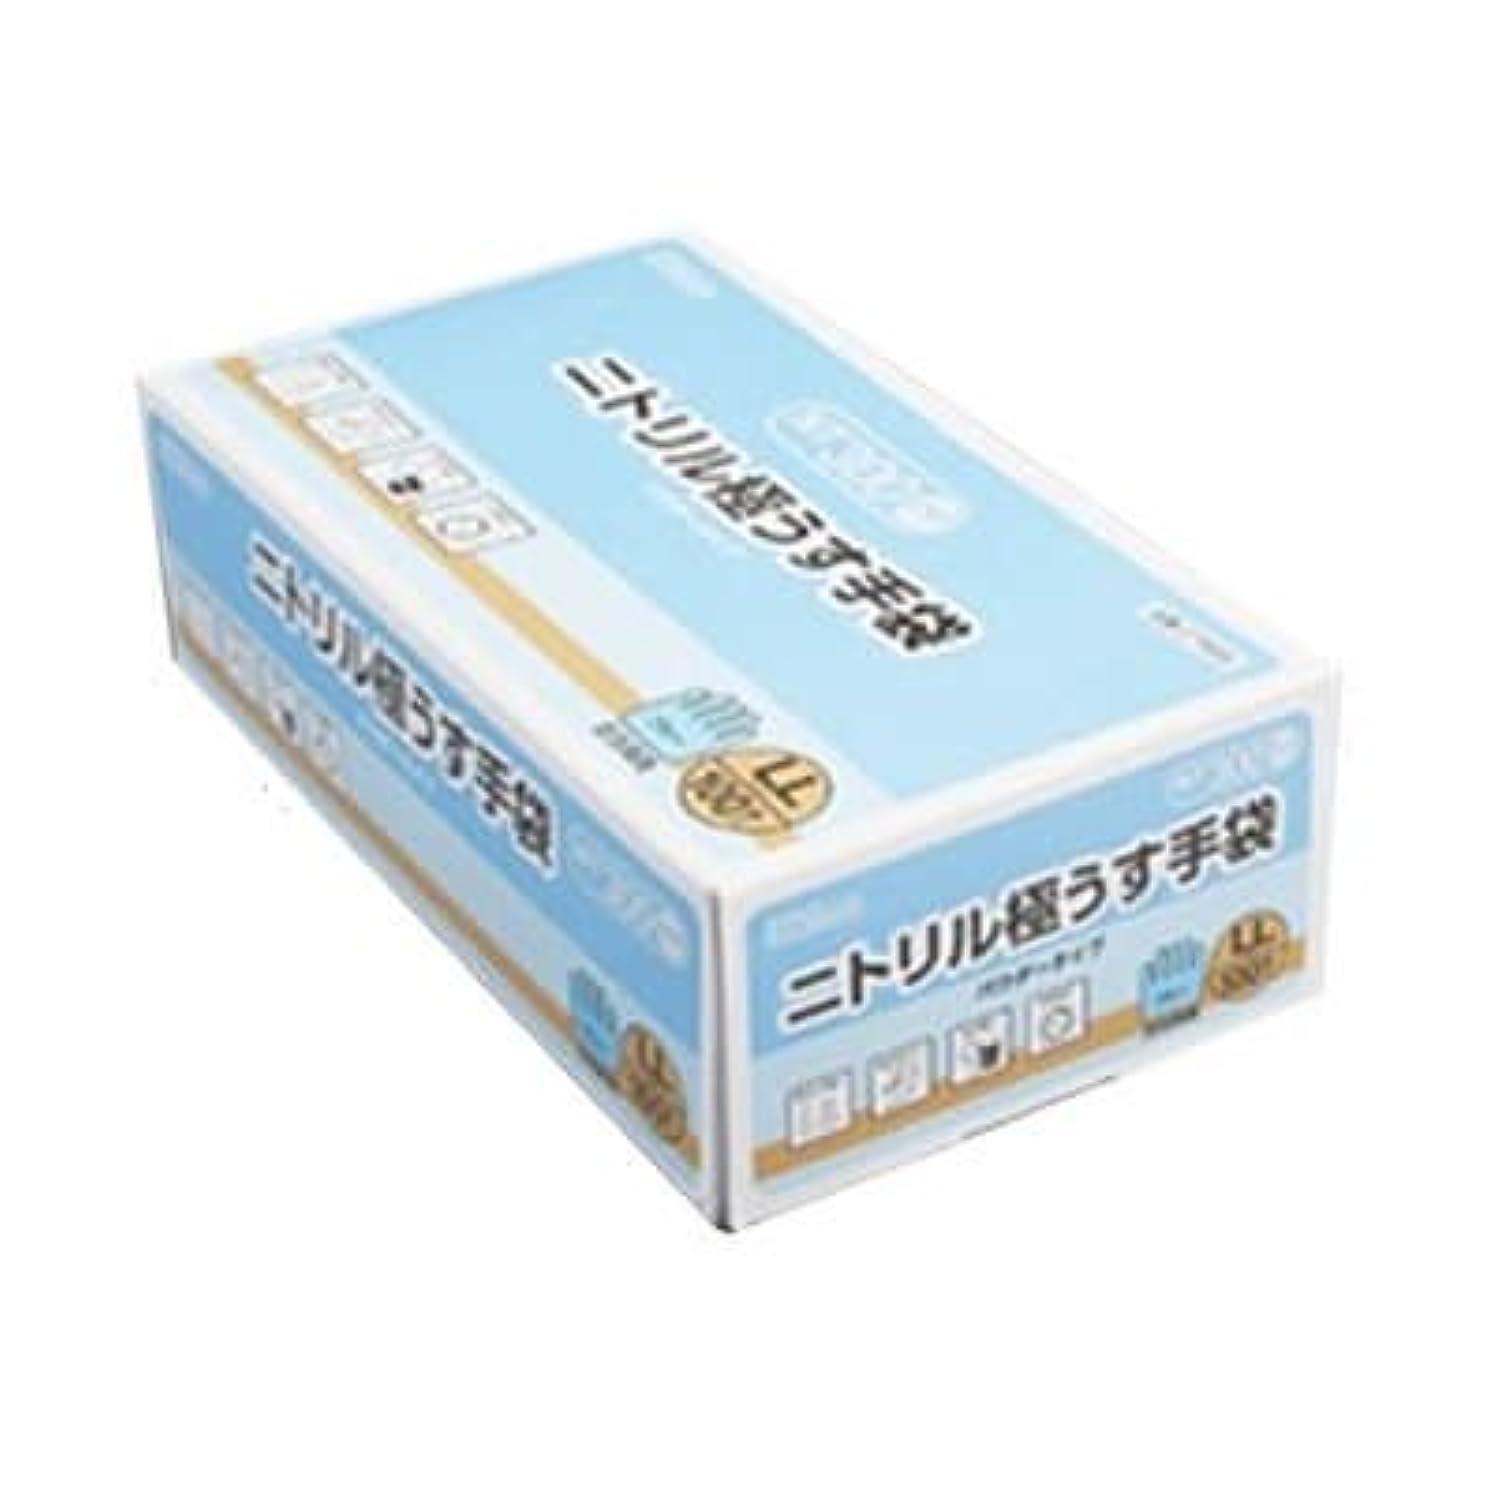 対立素敵な入る【ケース販売】 ダンロップ ニトリル極うす手袋 粉付 LL ブルー NT-300 (100枚入×20箱)